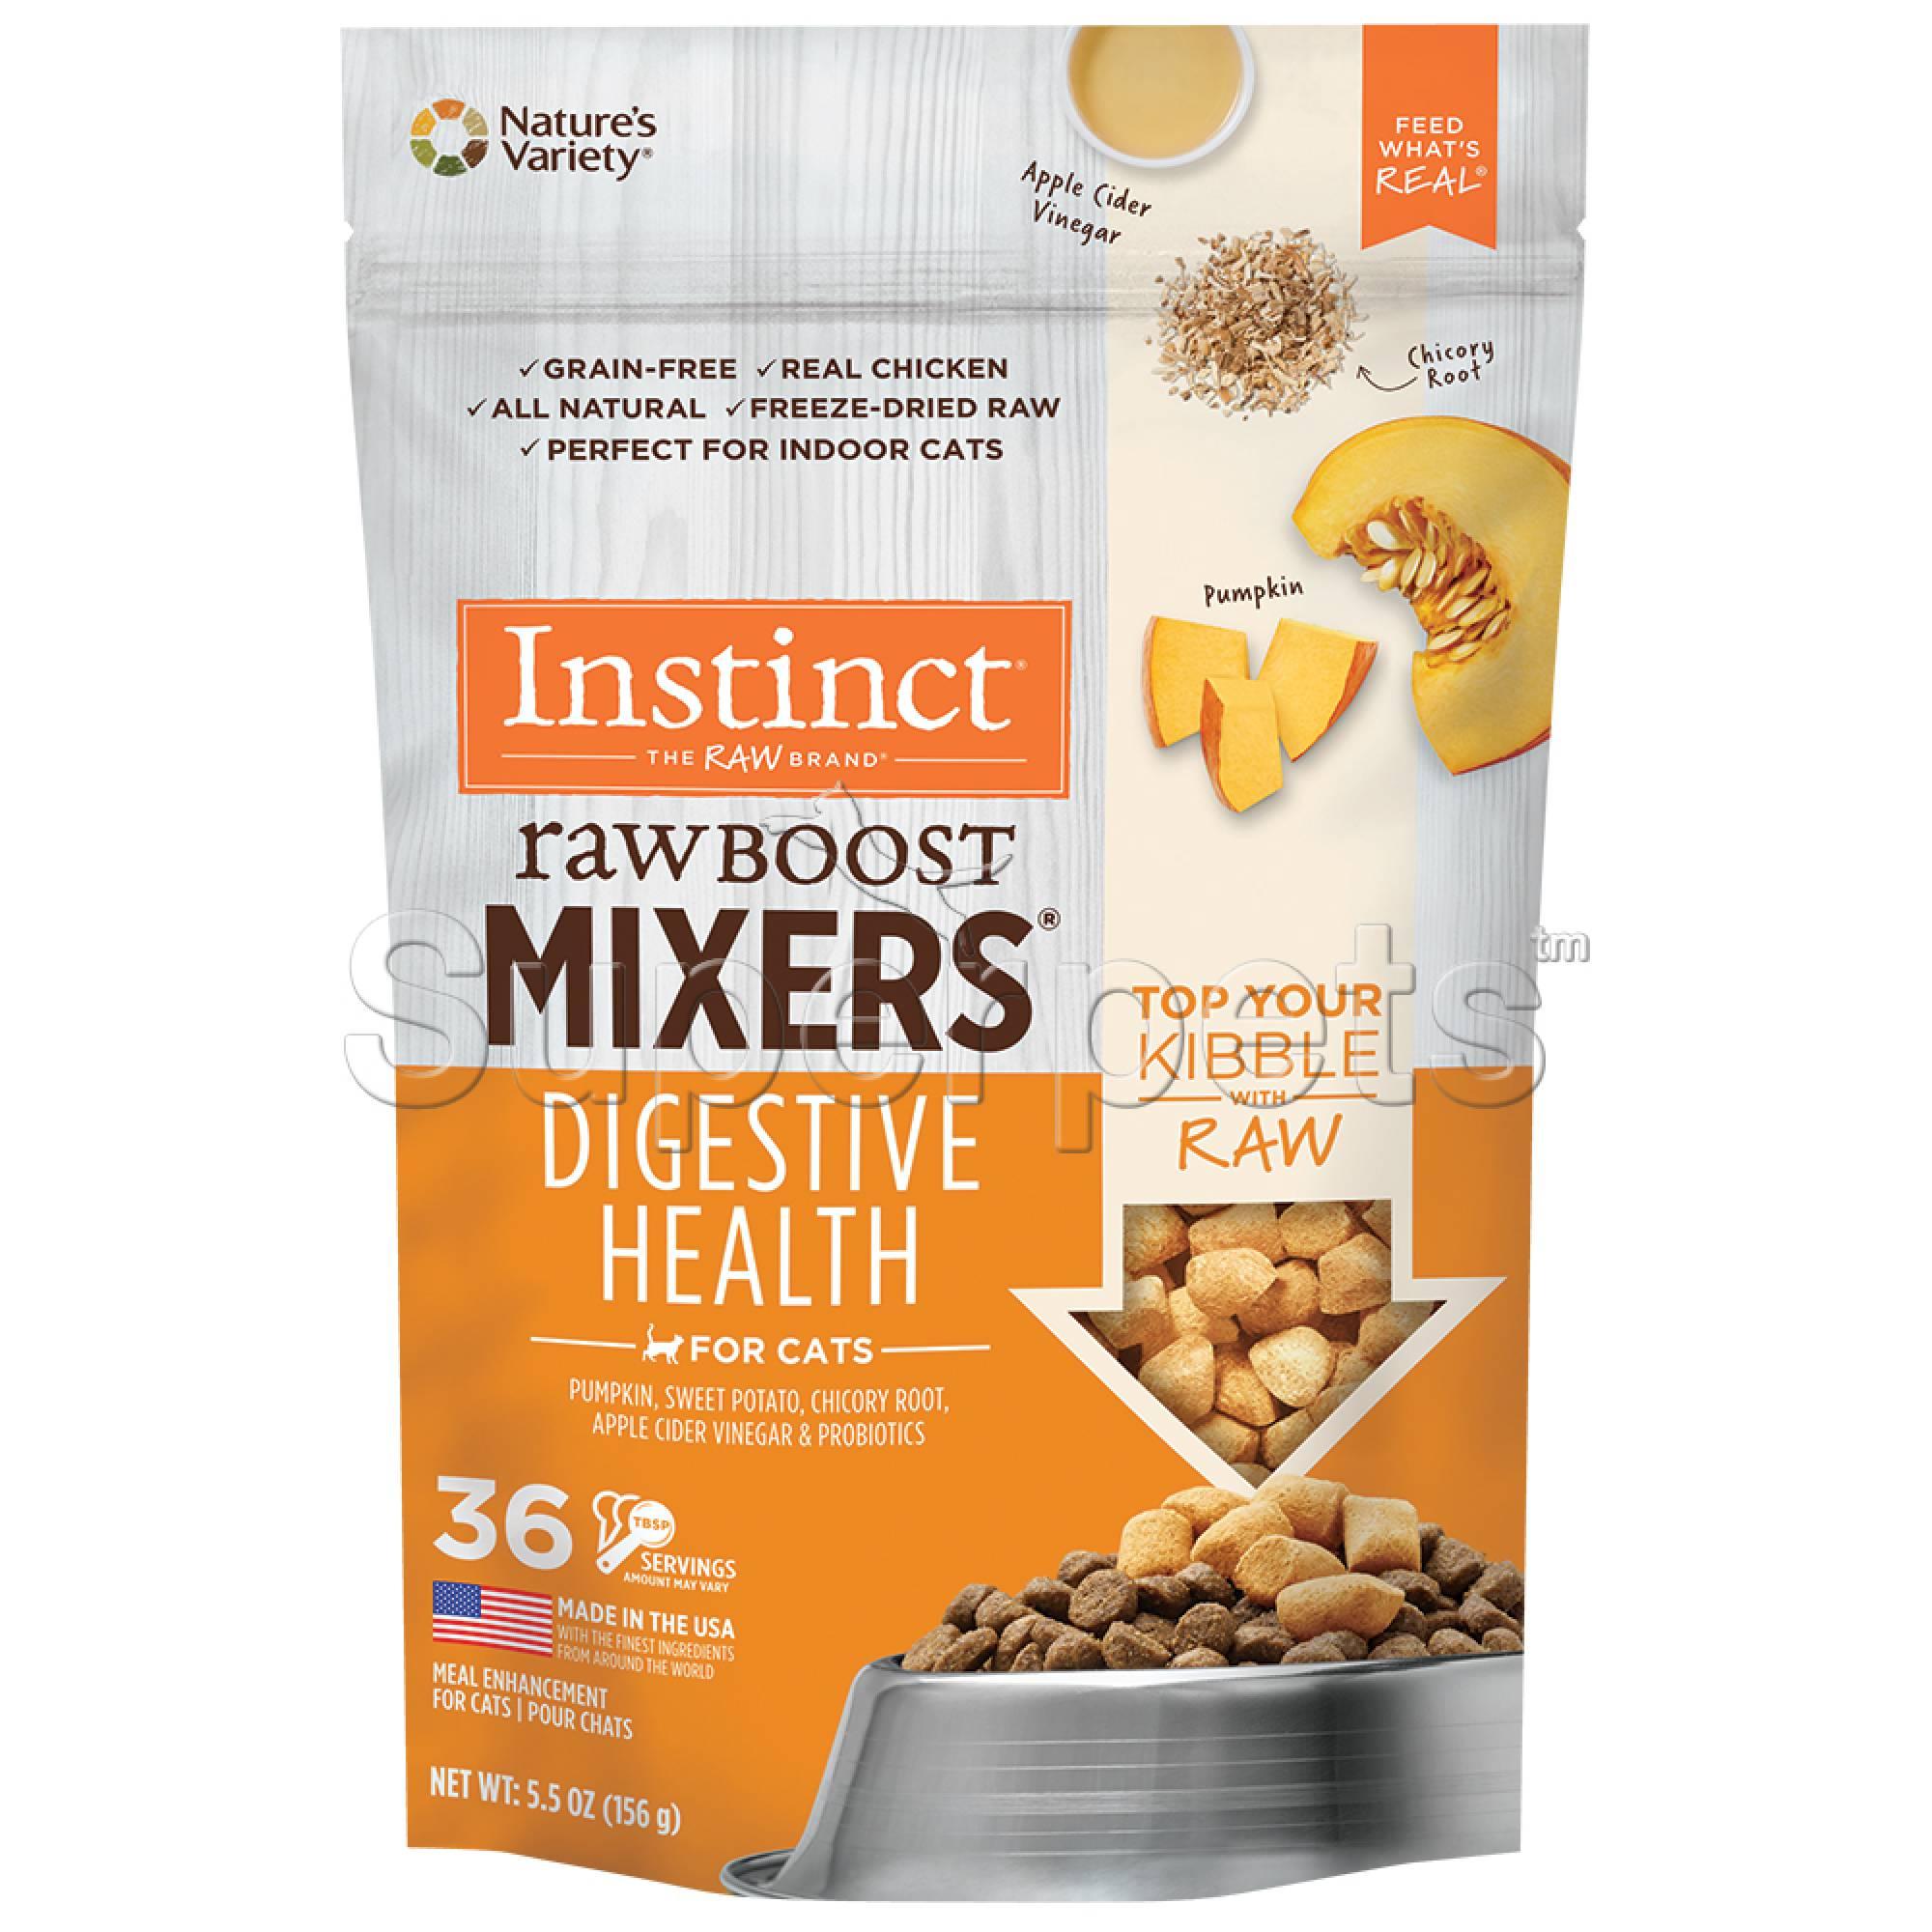 Instinct - Cat Freeze-Dried Raw Boost Mixers Grain-Free Digestive Health Recipe 5.5oz (156g)